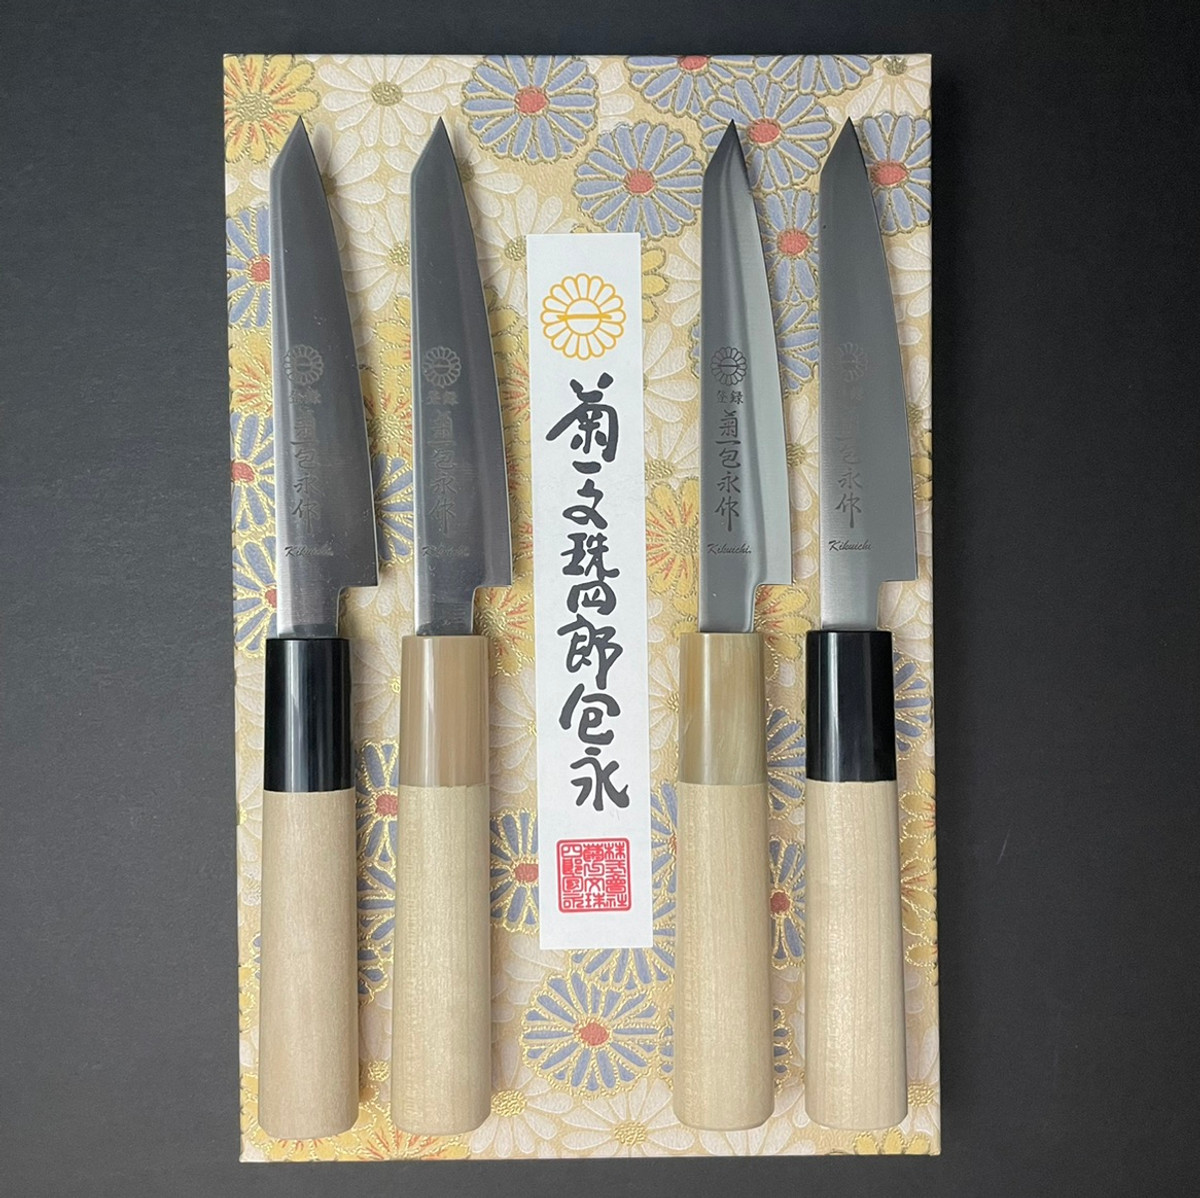 Kikuichi | Steak Knife 4-Set